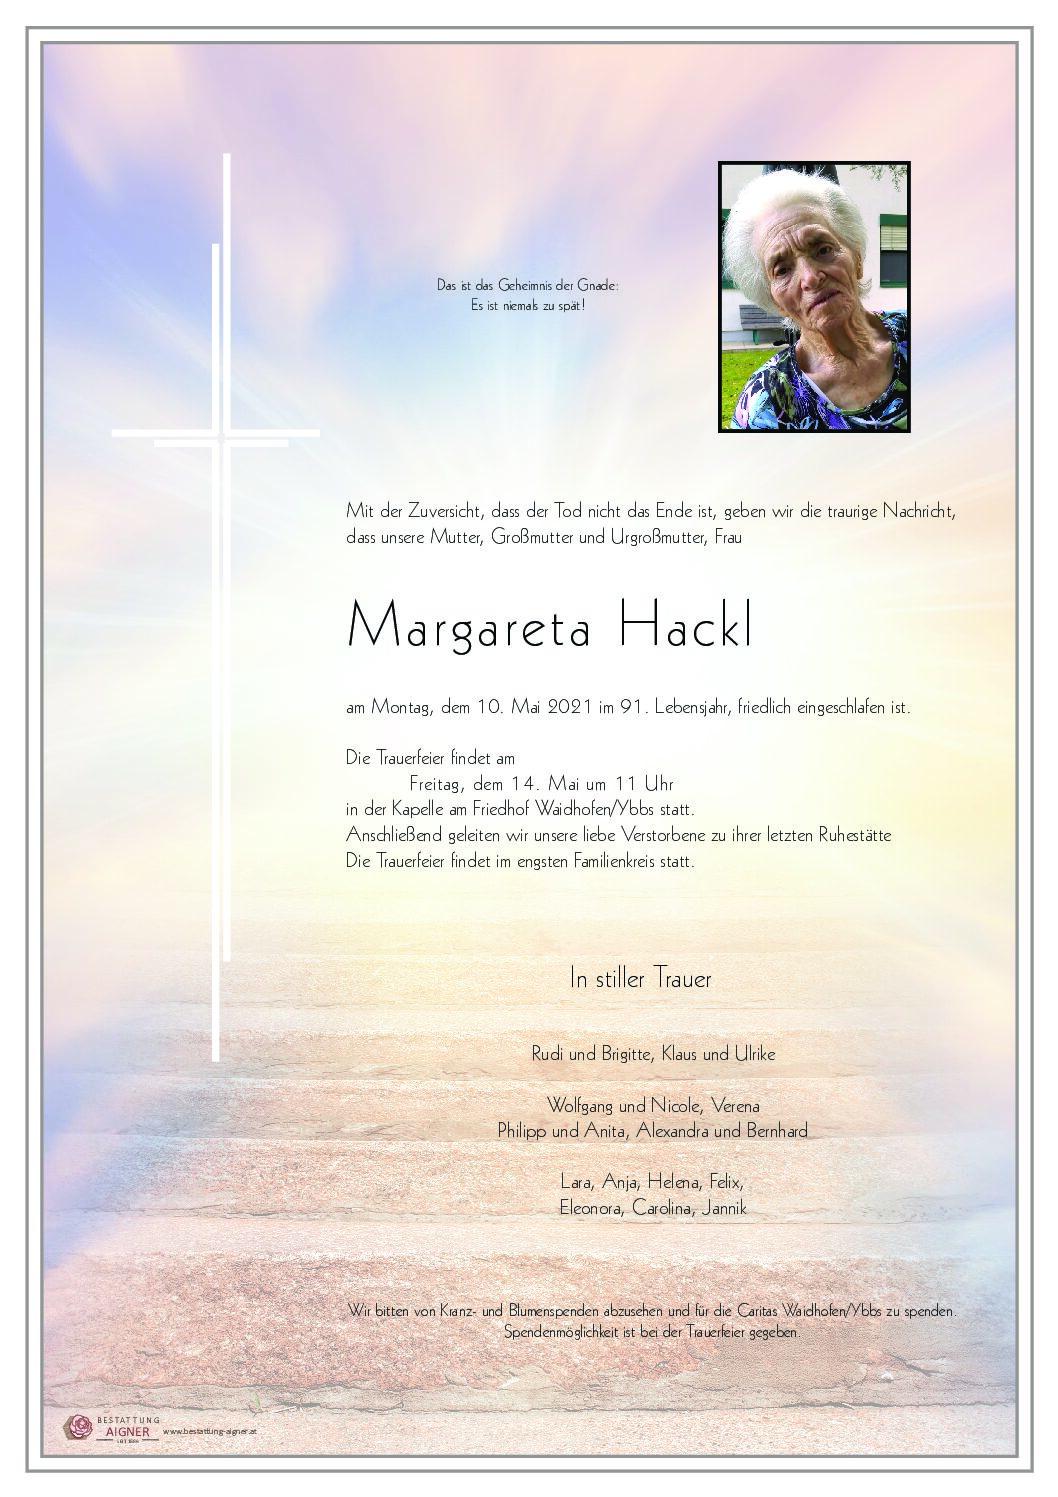 Margareta Hackl